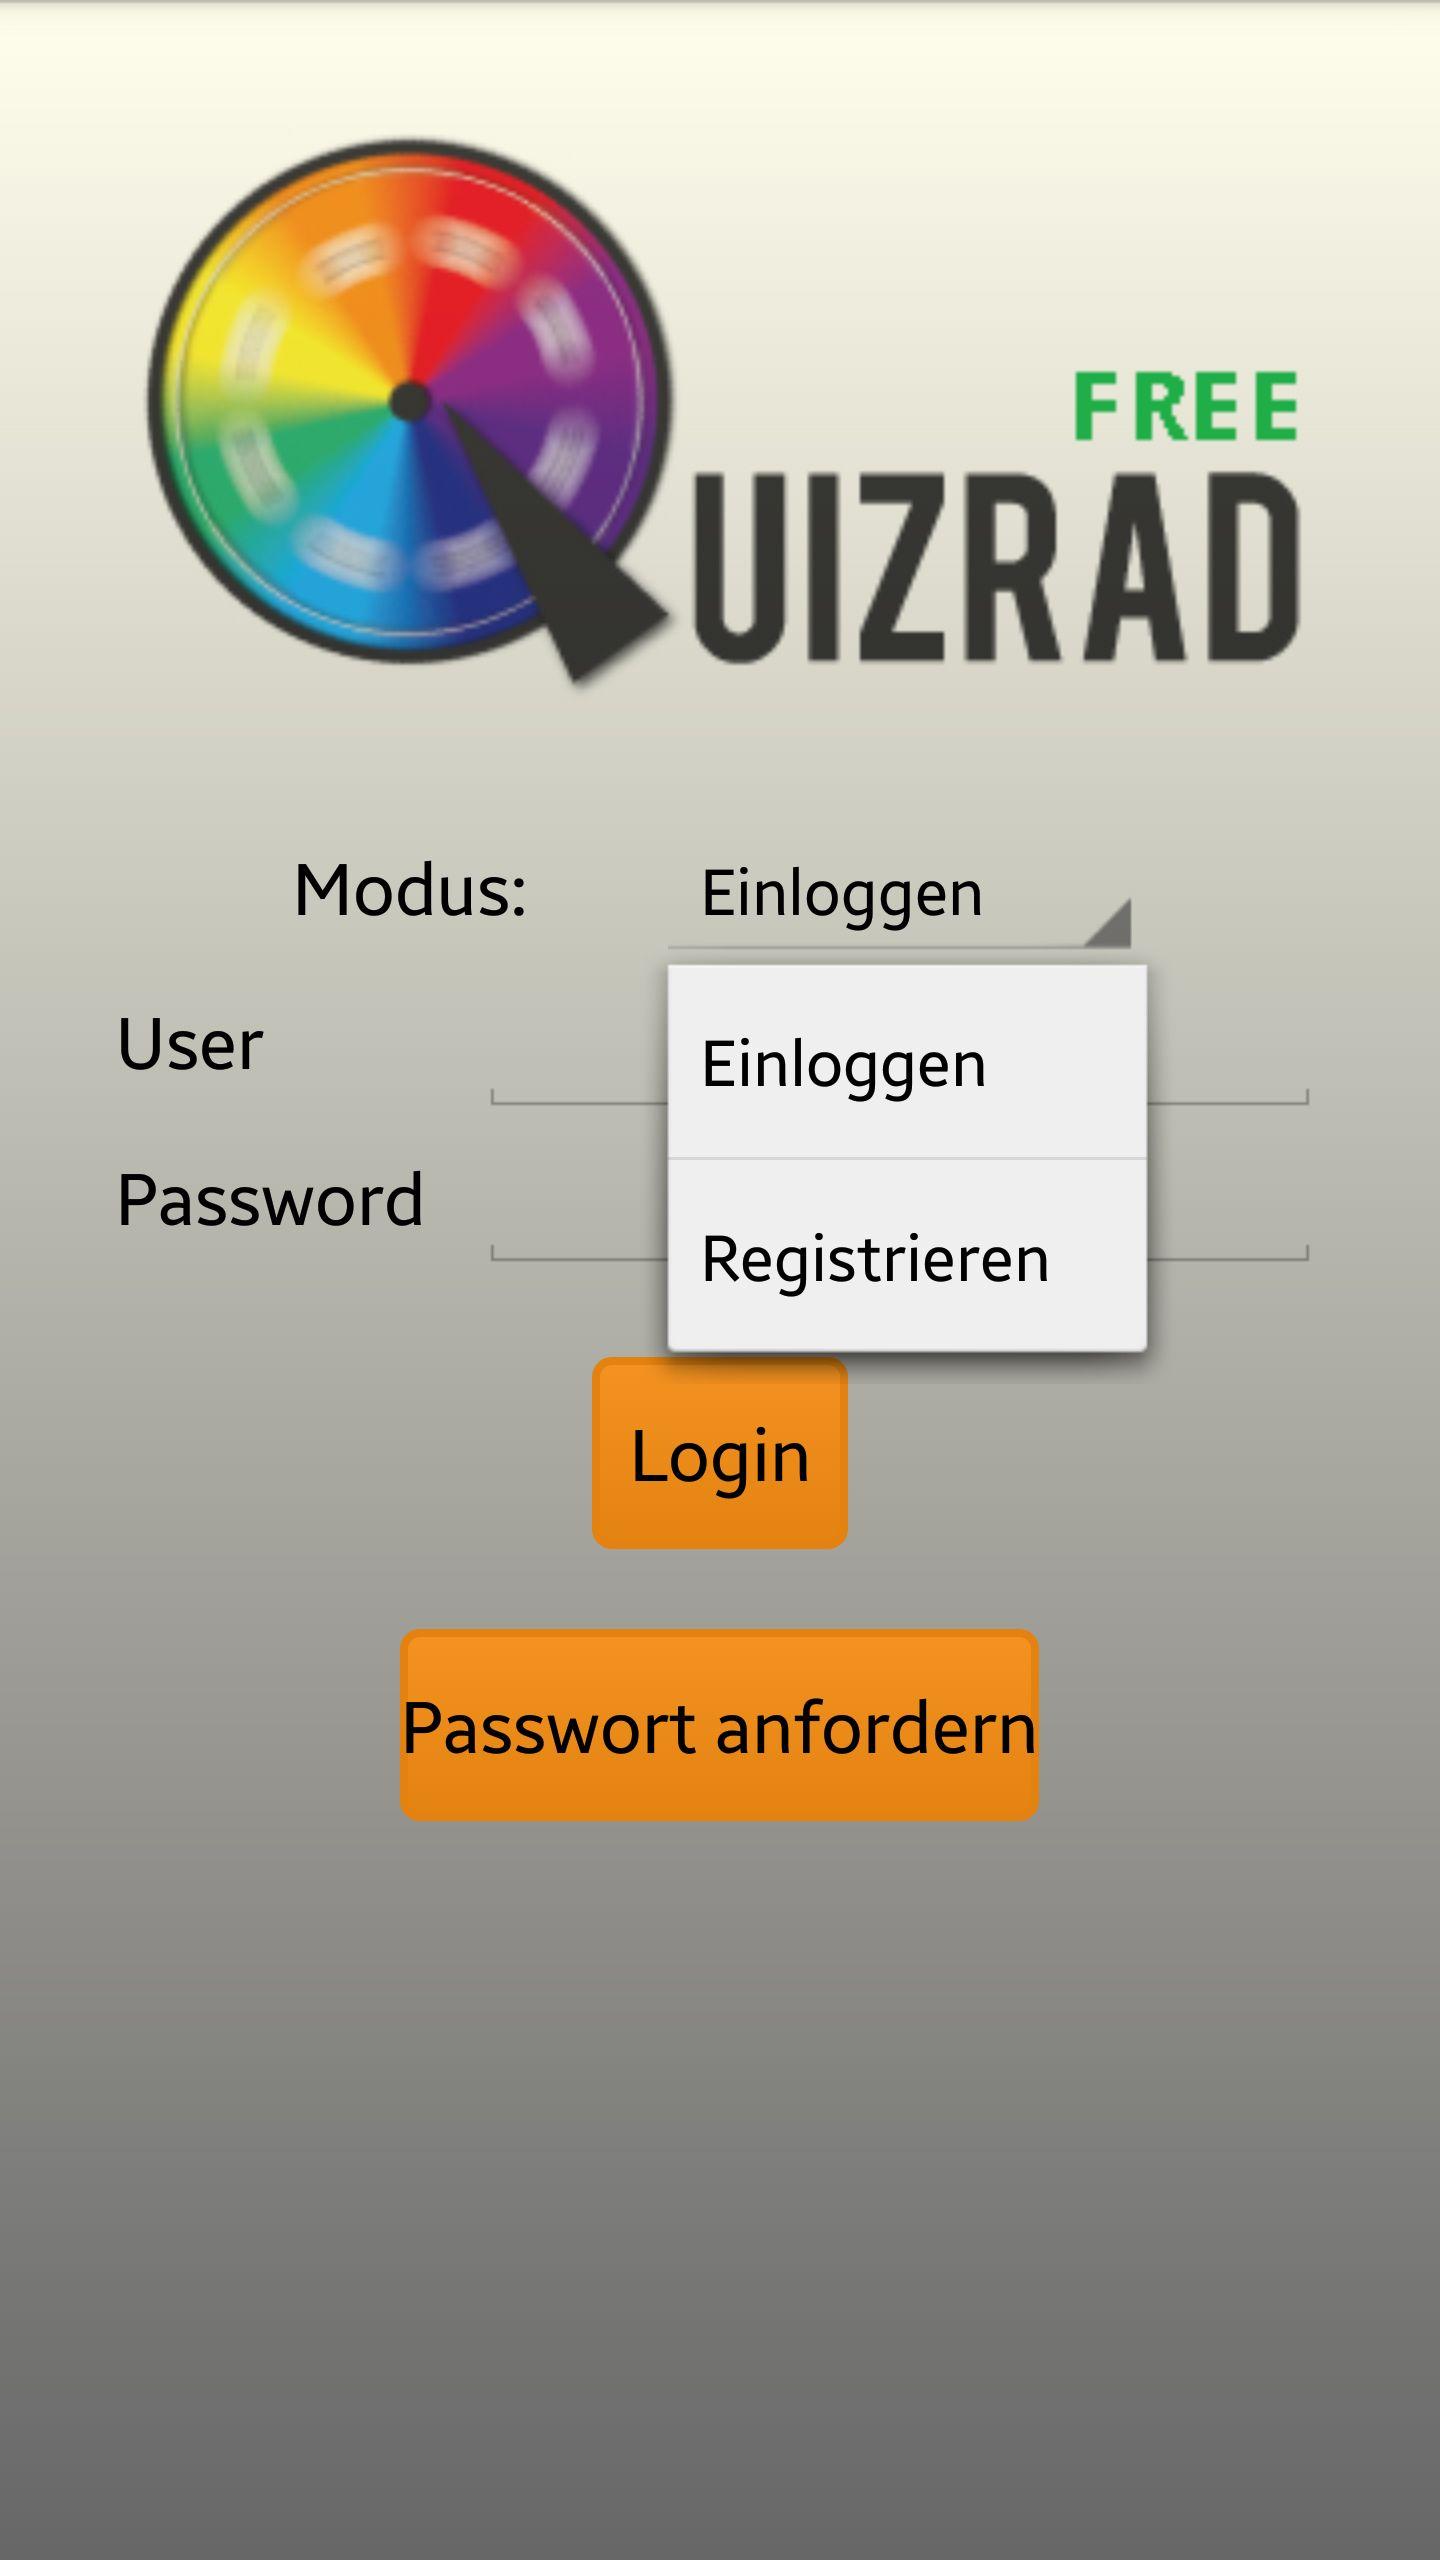 NUR ALS ZITAT Screenshot Quizrad